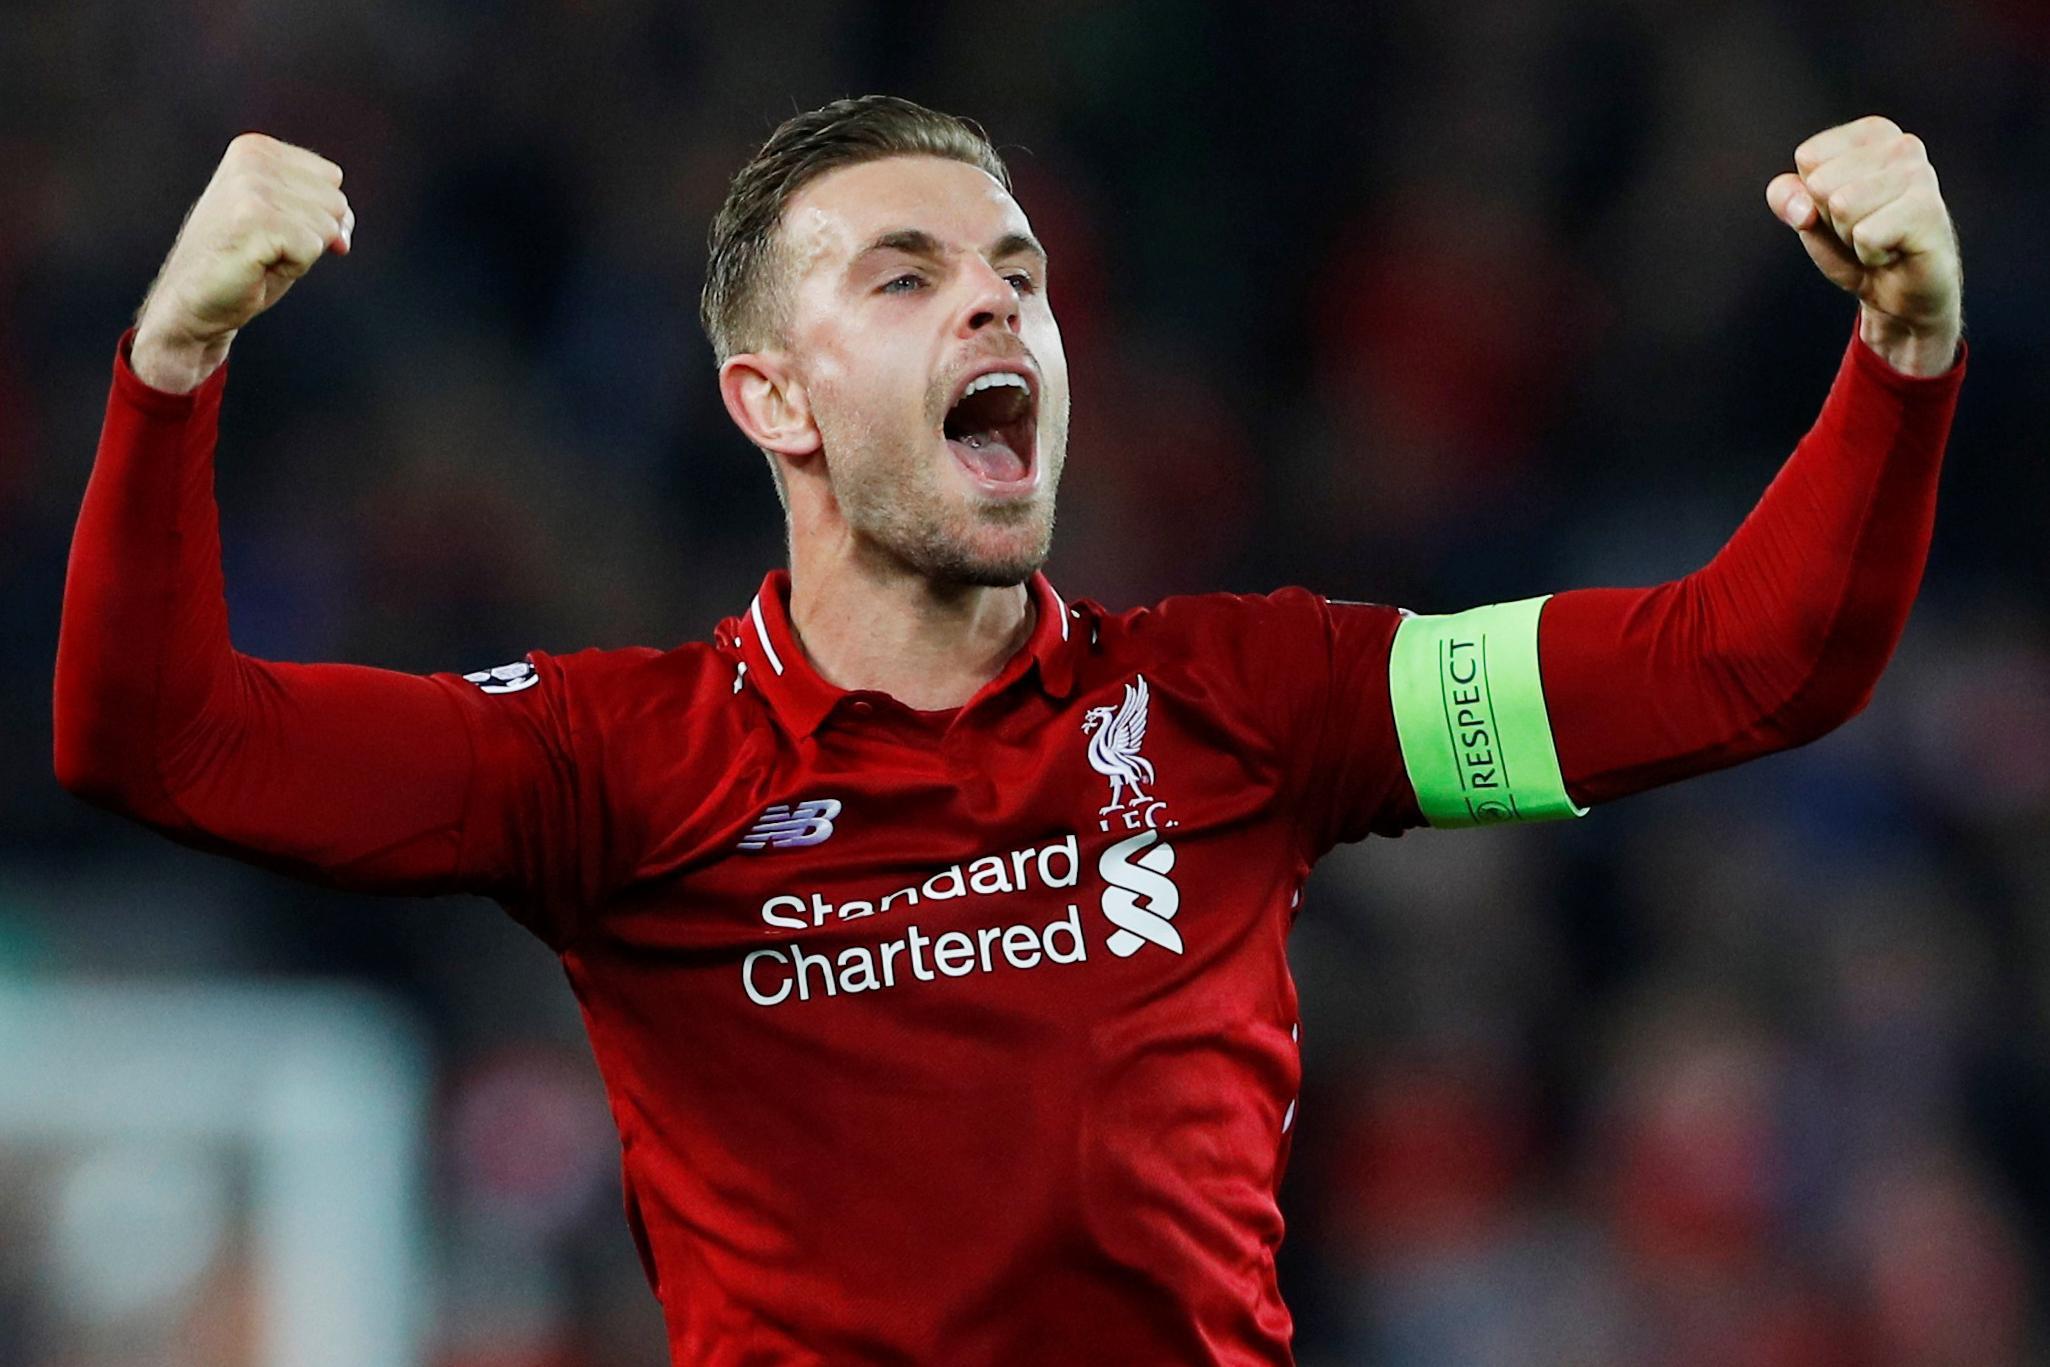 Chiến thắng của Henderson phản ánh nghịch lý bóng đá hiện đại - Bóng Đá